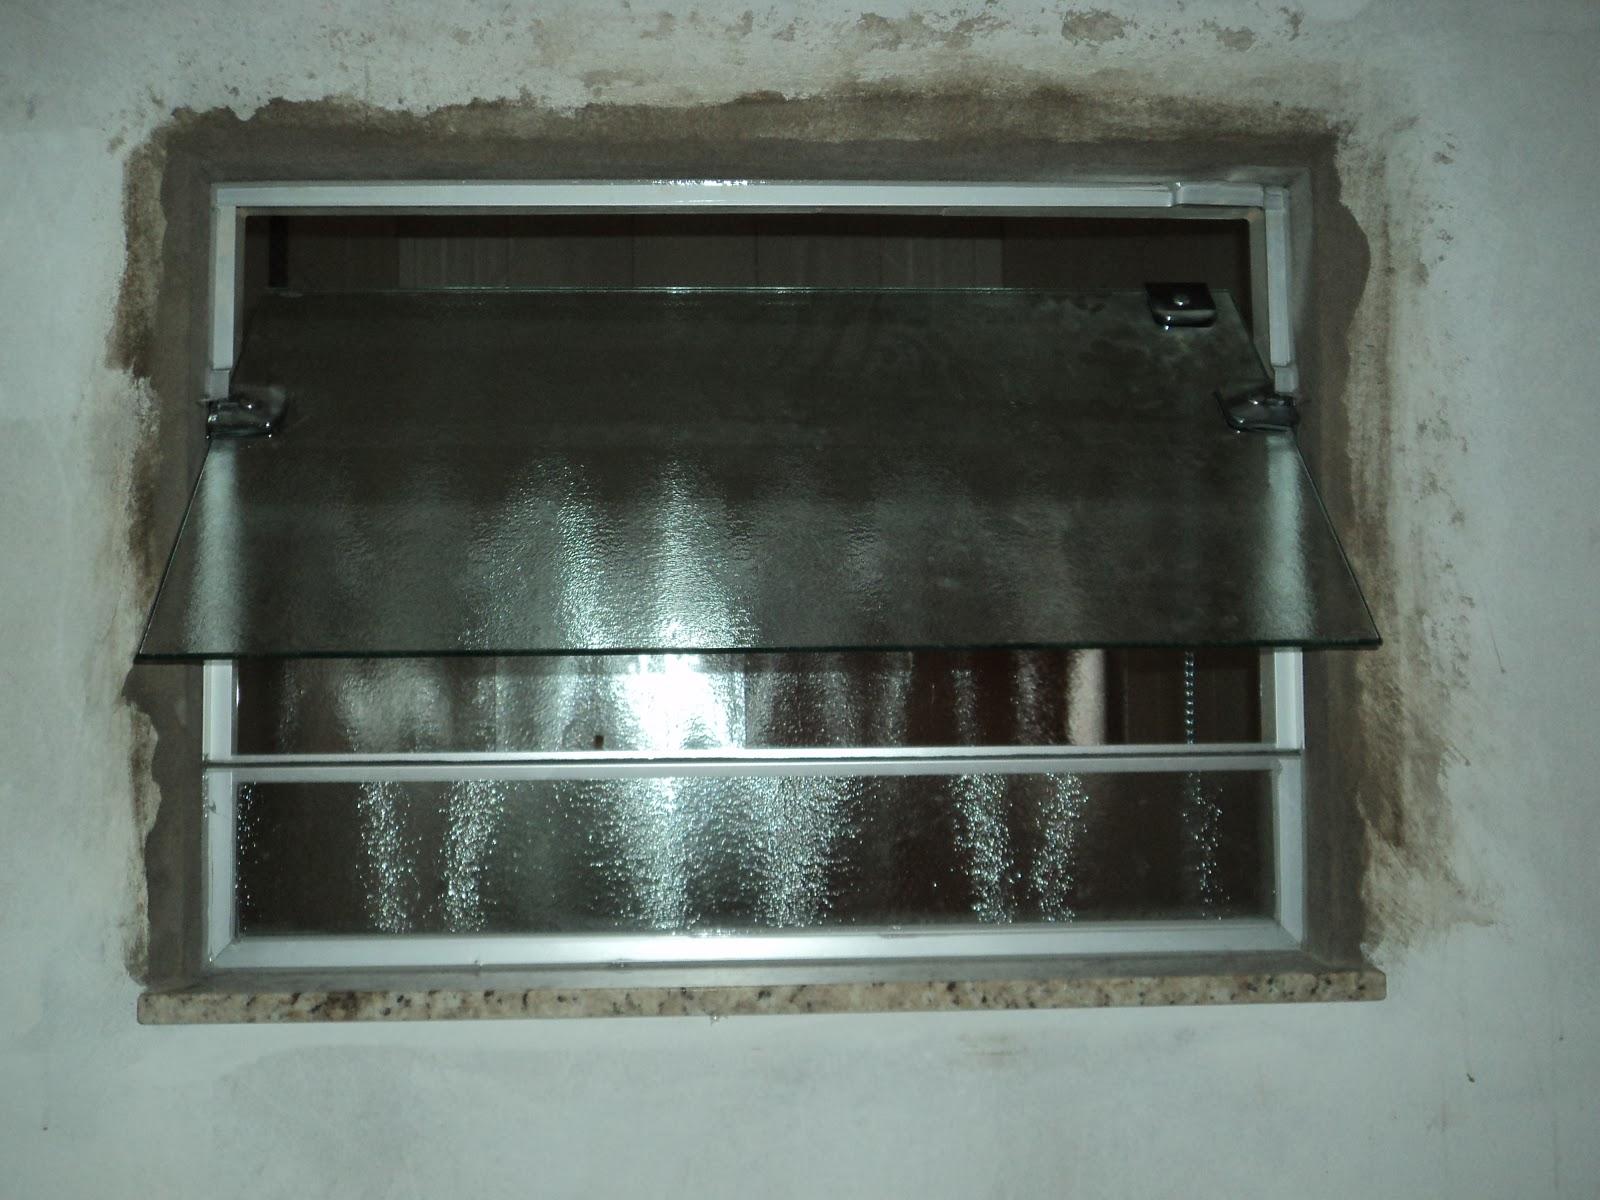 Box e Janela do Wc em vidro Antílope 08mm janela no sistema  #527974 1600 1200